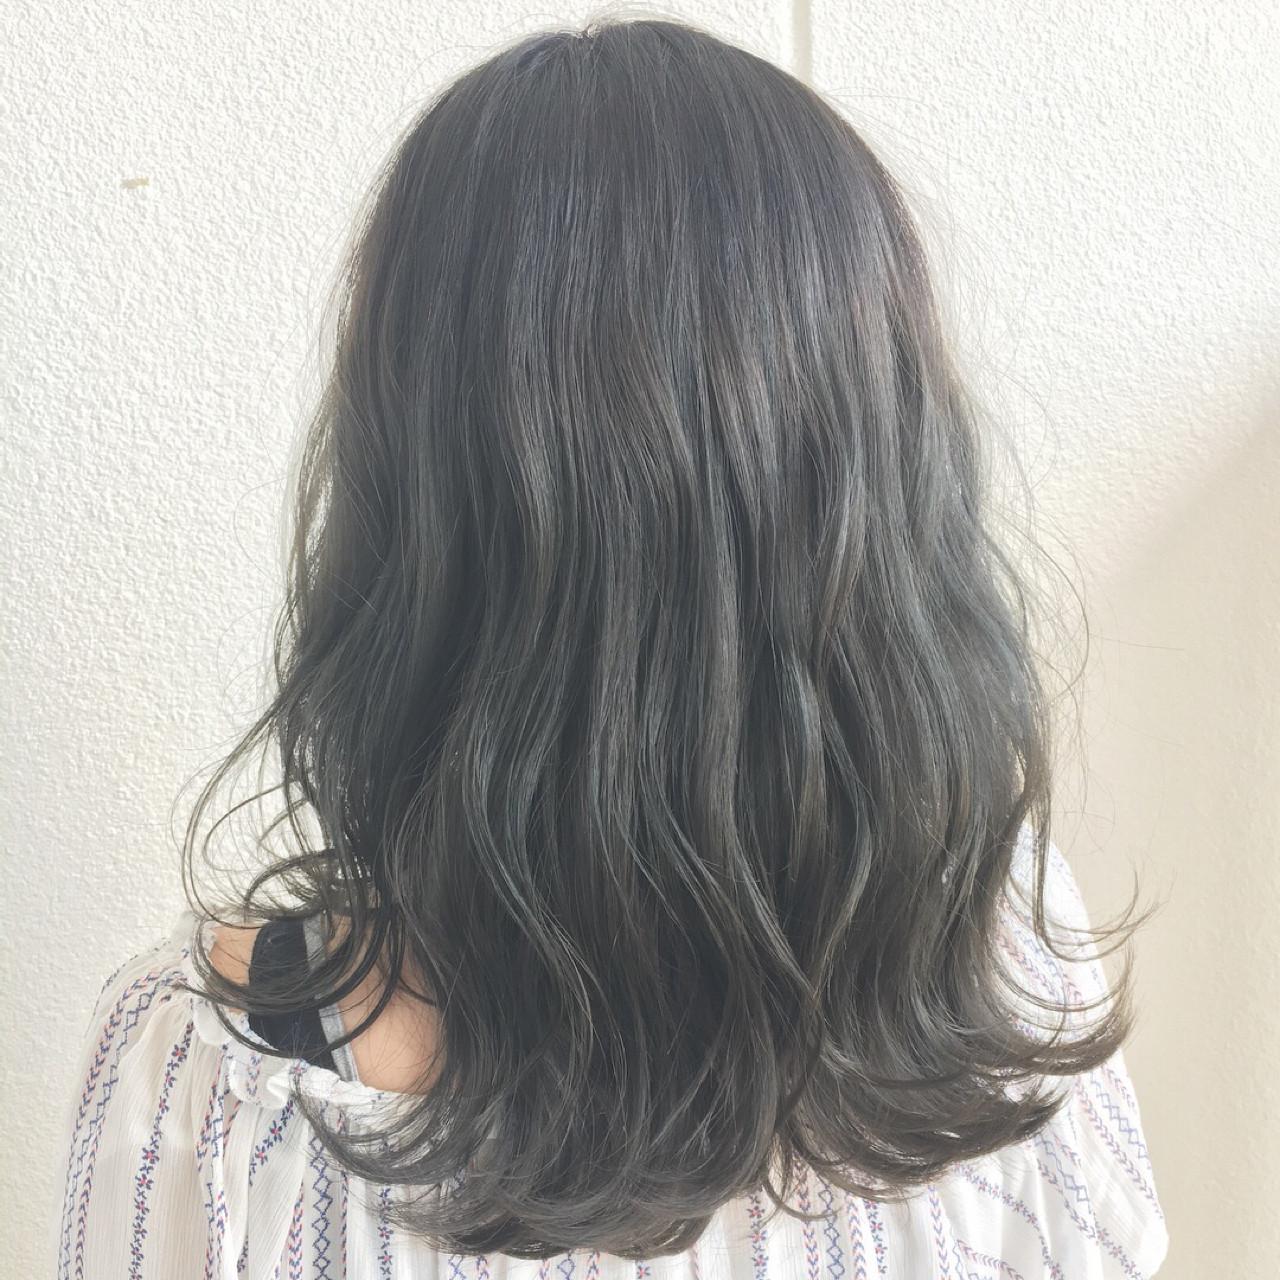 外国人風 外国人風カラー ハイライト フェミニン ヘアスタイルや髪型の写真・画像